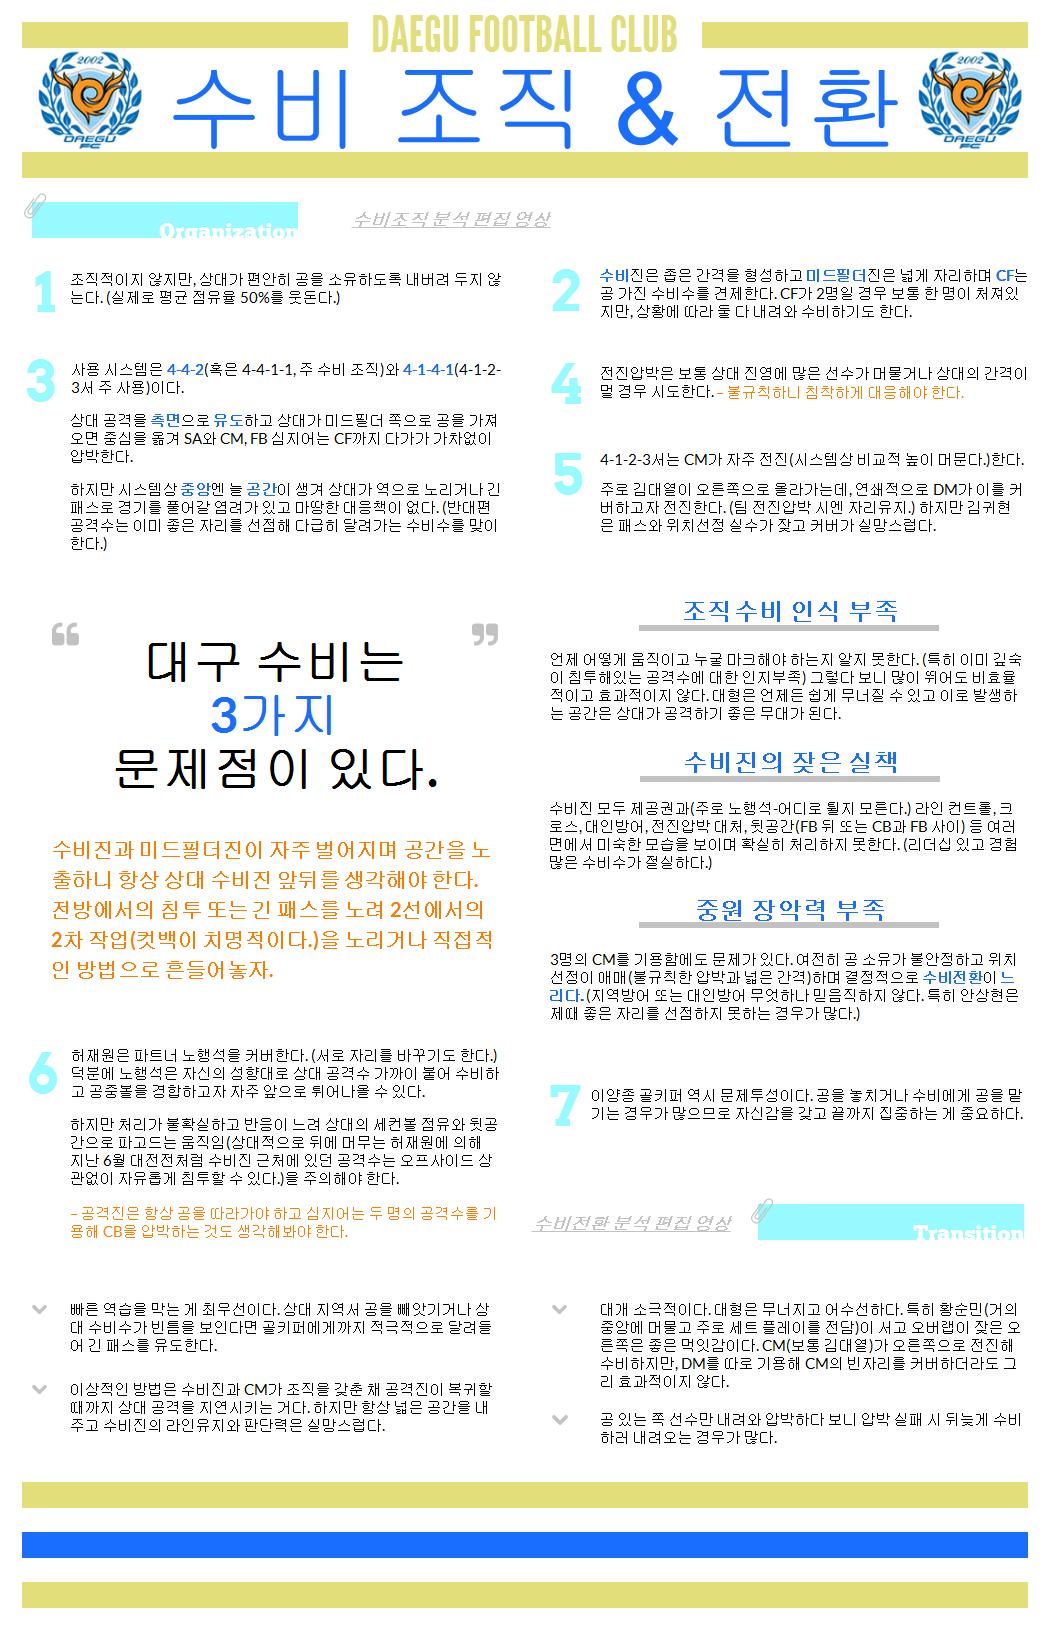 2014 대구 FC 분석 - ③ 수비 조직 & 전환